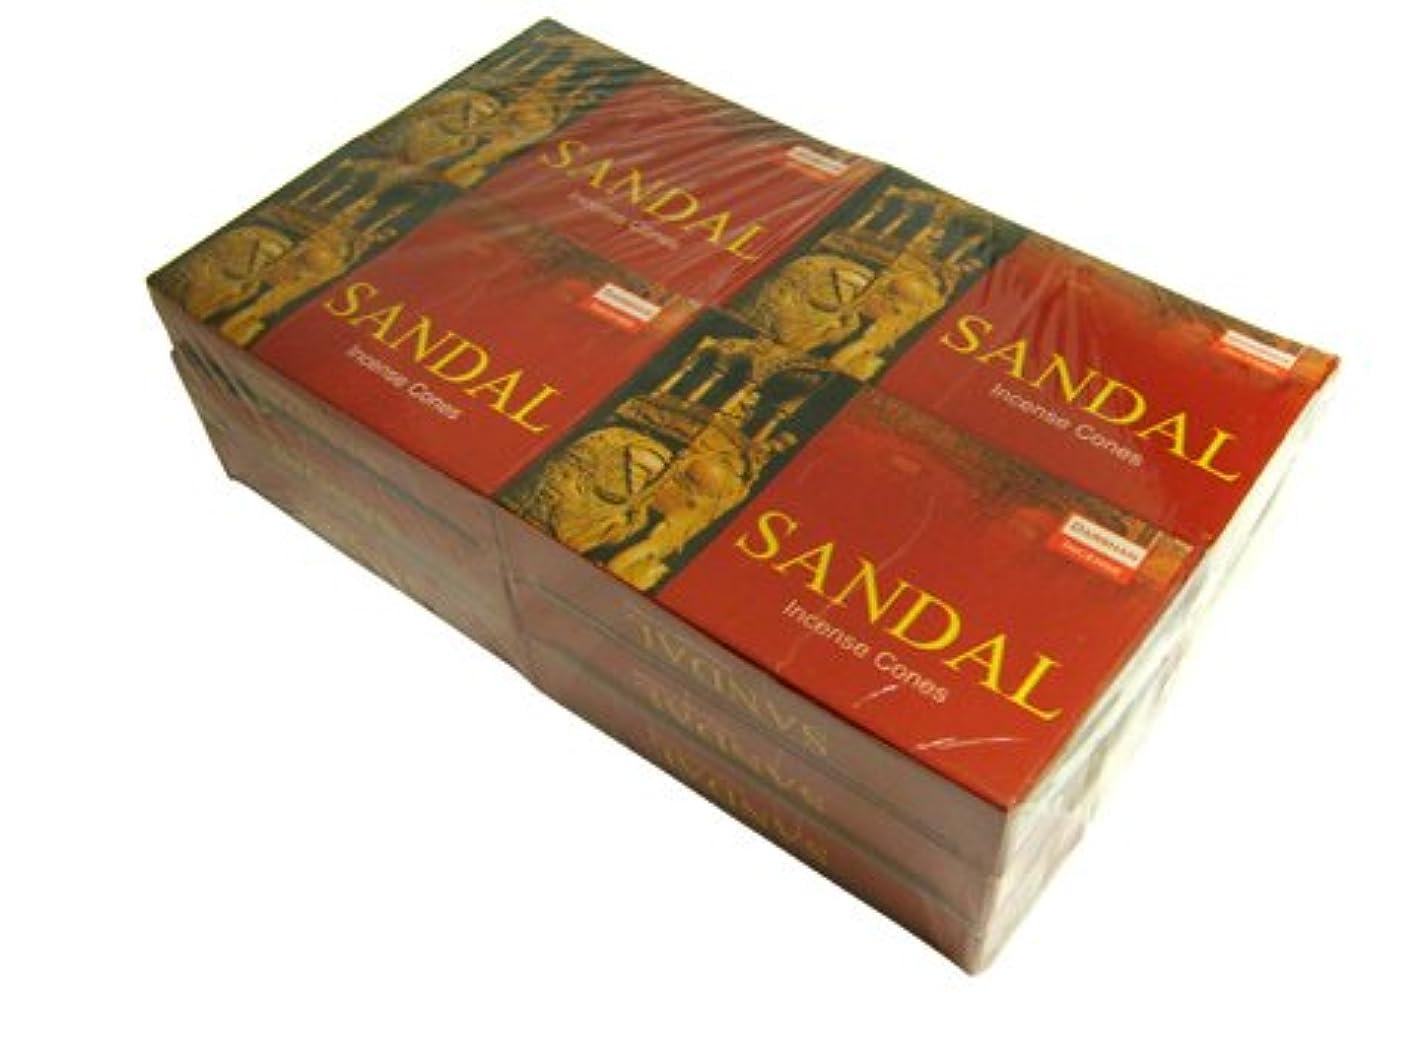 インタビュー商品指DARSHAN(ダルシャン) サンダル香 コーンタイプ SANDAL CORN 12箱セット